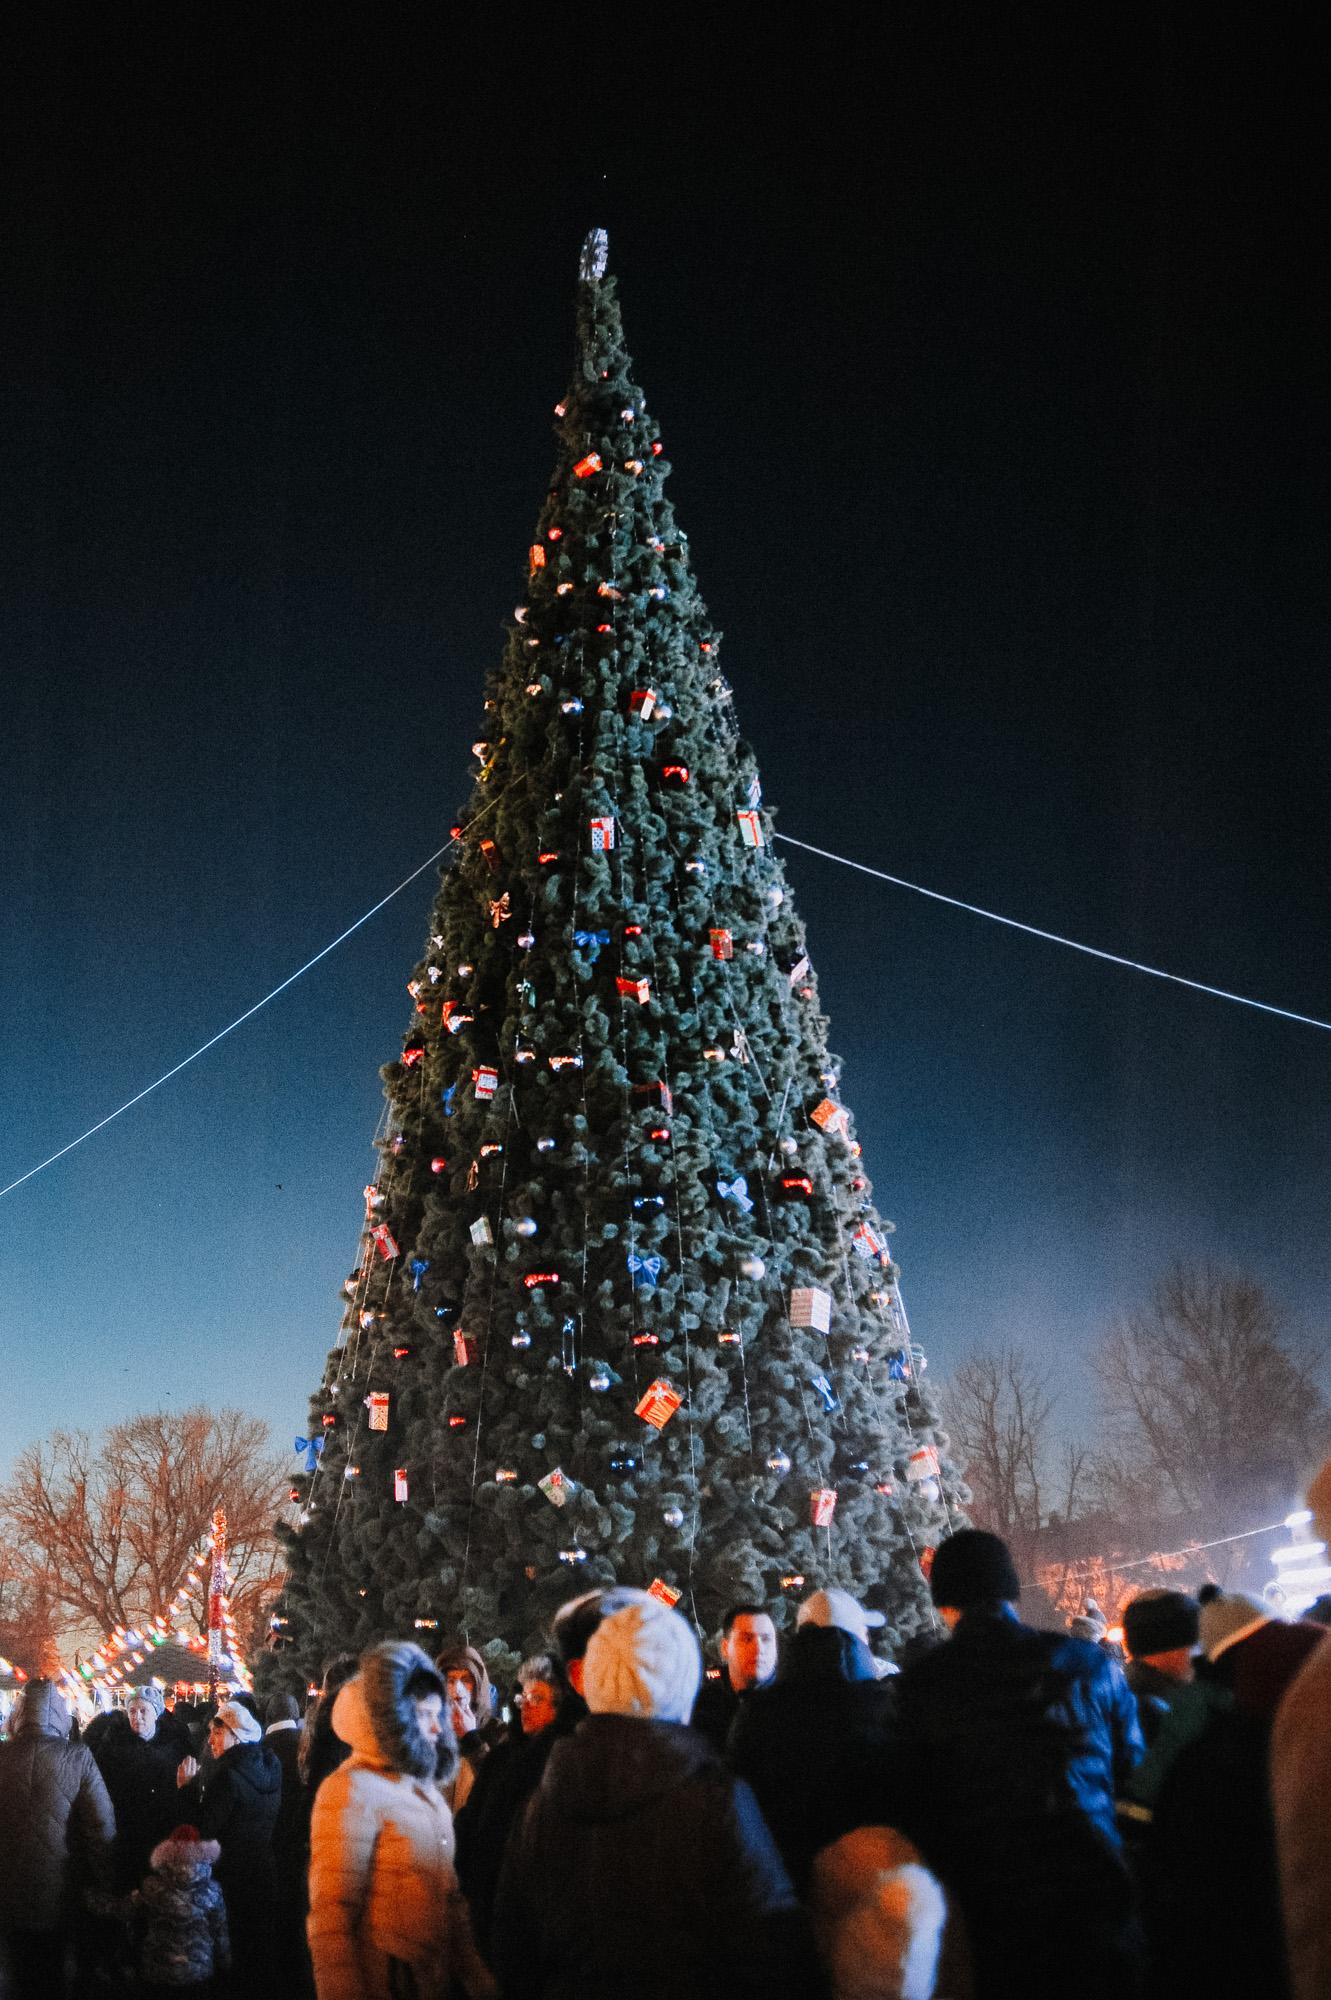 ZZZ 6800 В Астрахани на площади Ленина зажгли новогоднюю елку: кадры торжества